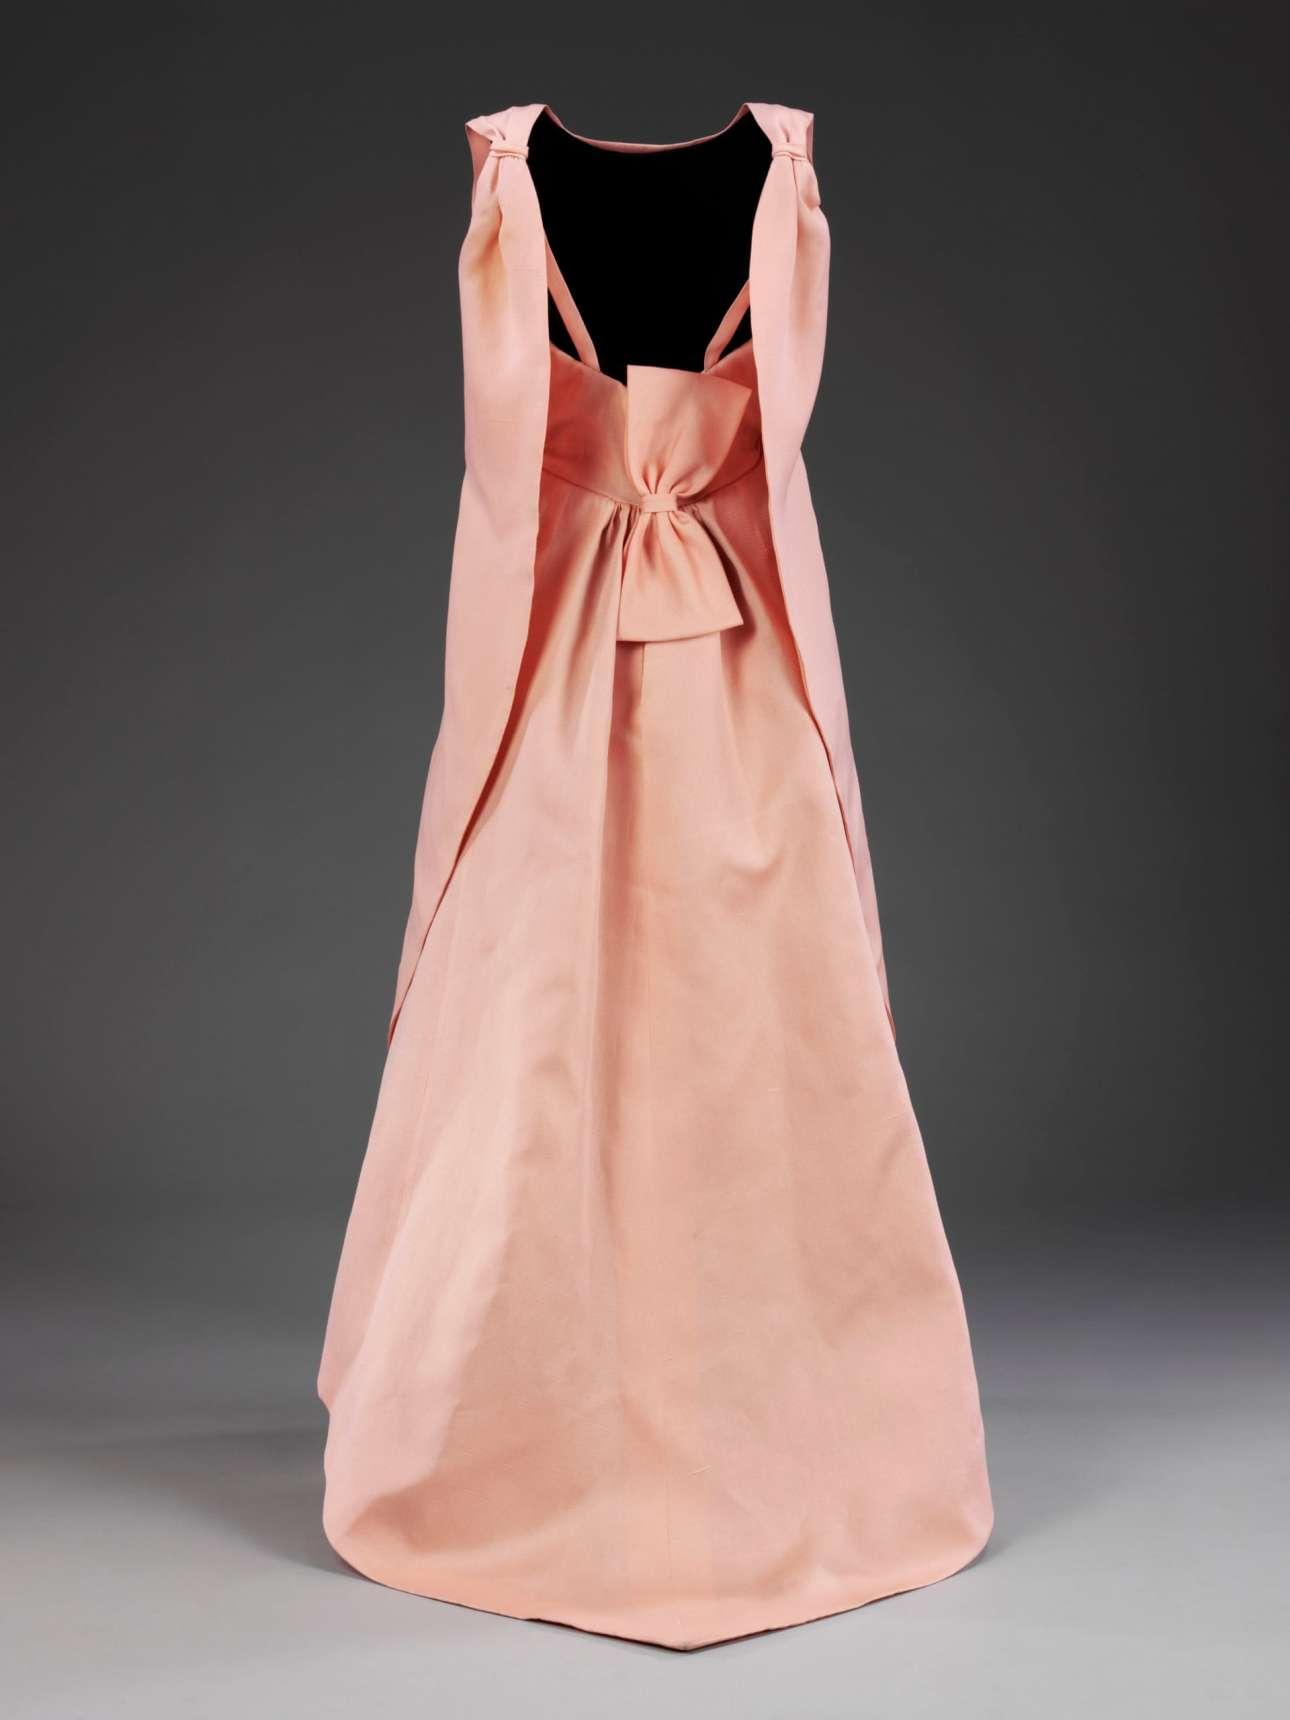 Το βραδινό απαλό ροζ φόρεμα με τίτλο «La Tulipe» από τη συλλογή του φθινοπώρου / χειμώνα του 1965